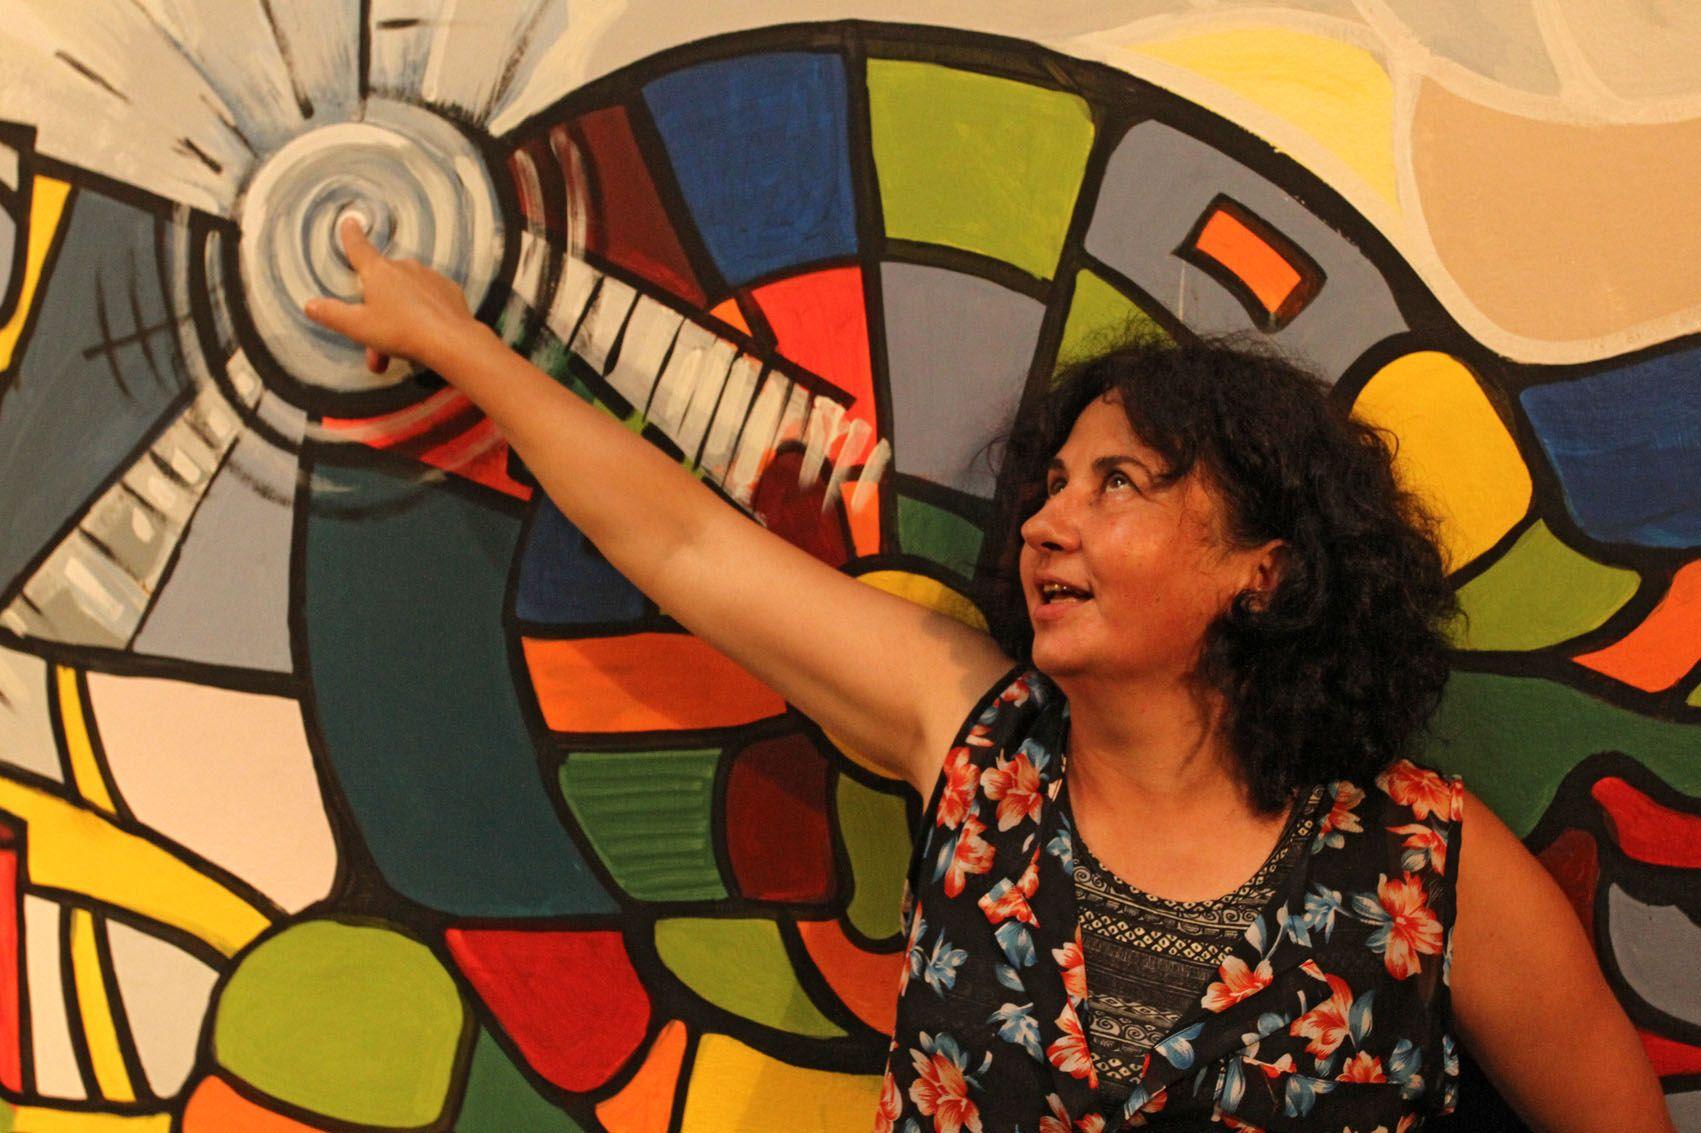 """Compromiso. """"El fundamento del trabajo cultural es poner el cuerpo"""". (Foto UNO/Diego Arias)"""